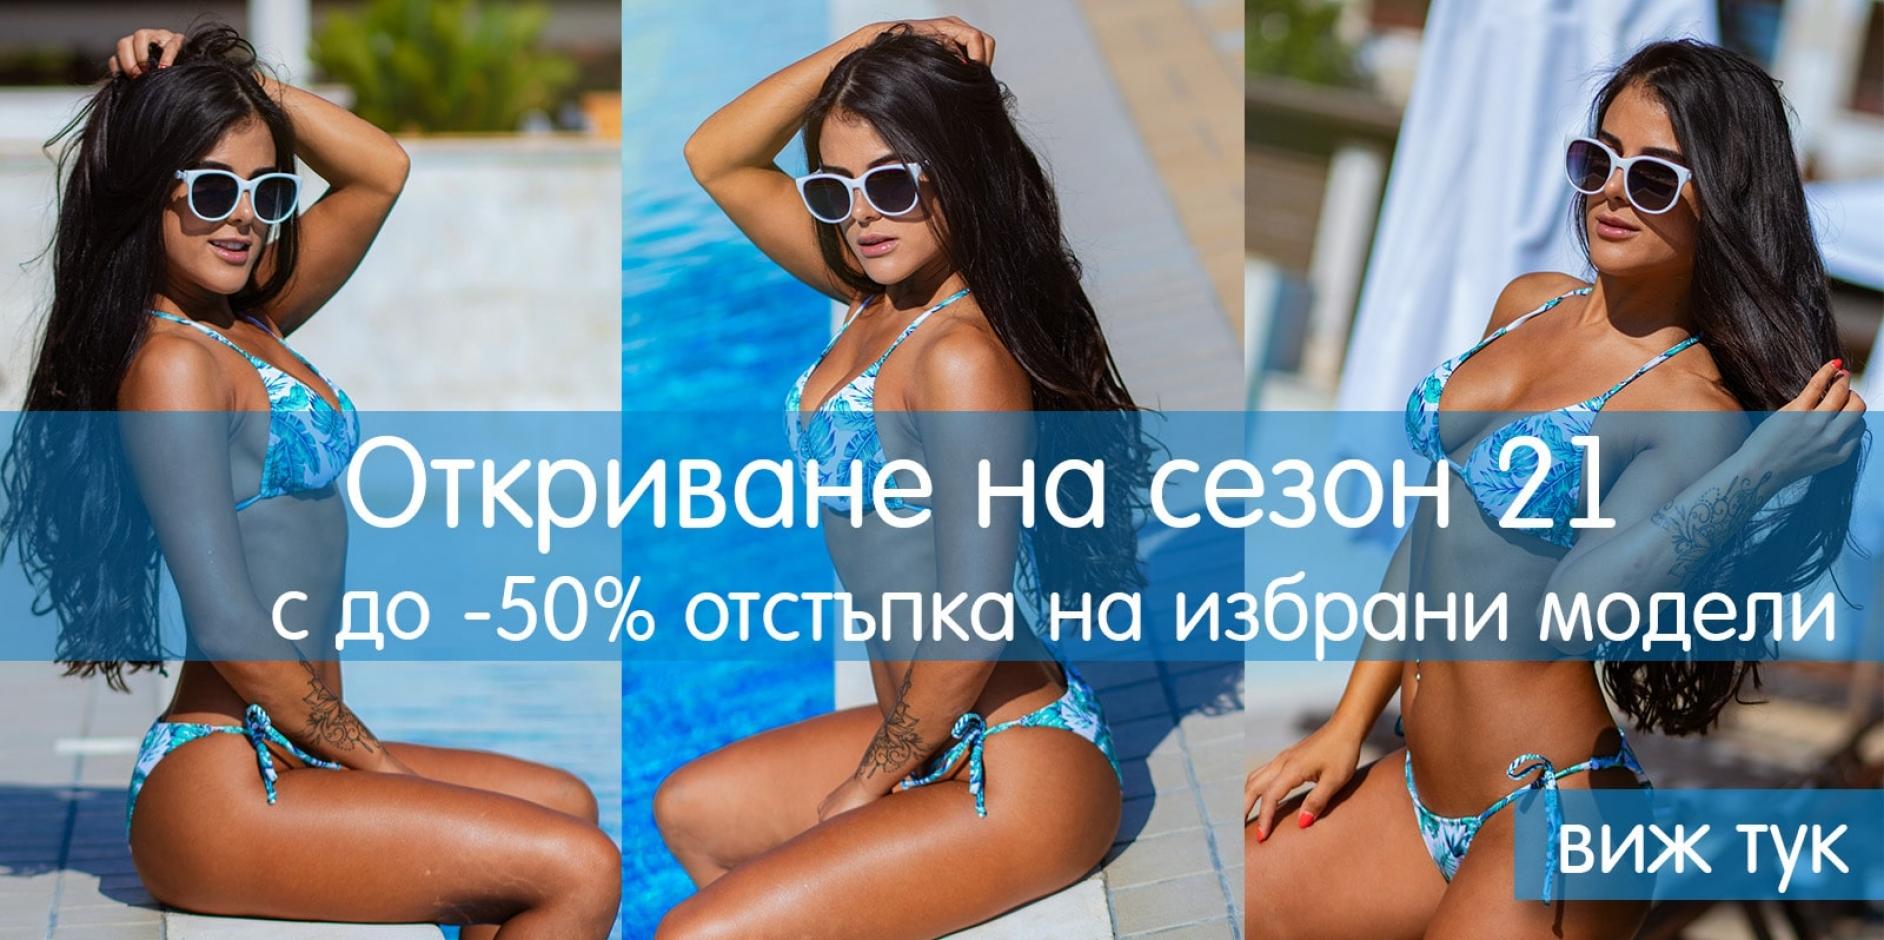 swimwear sale-min